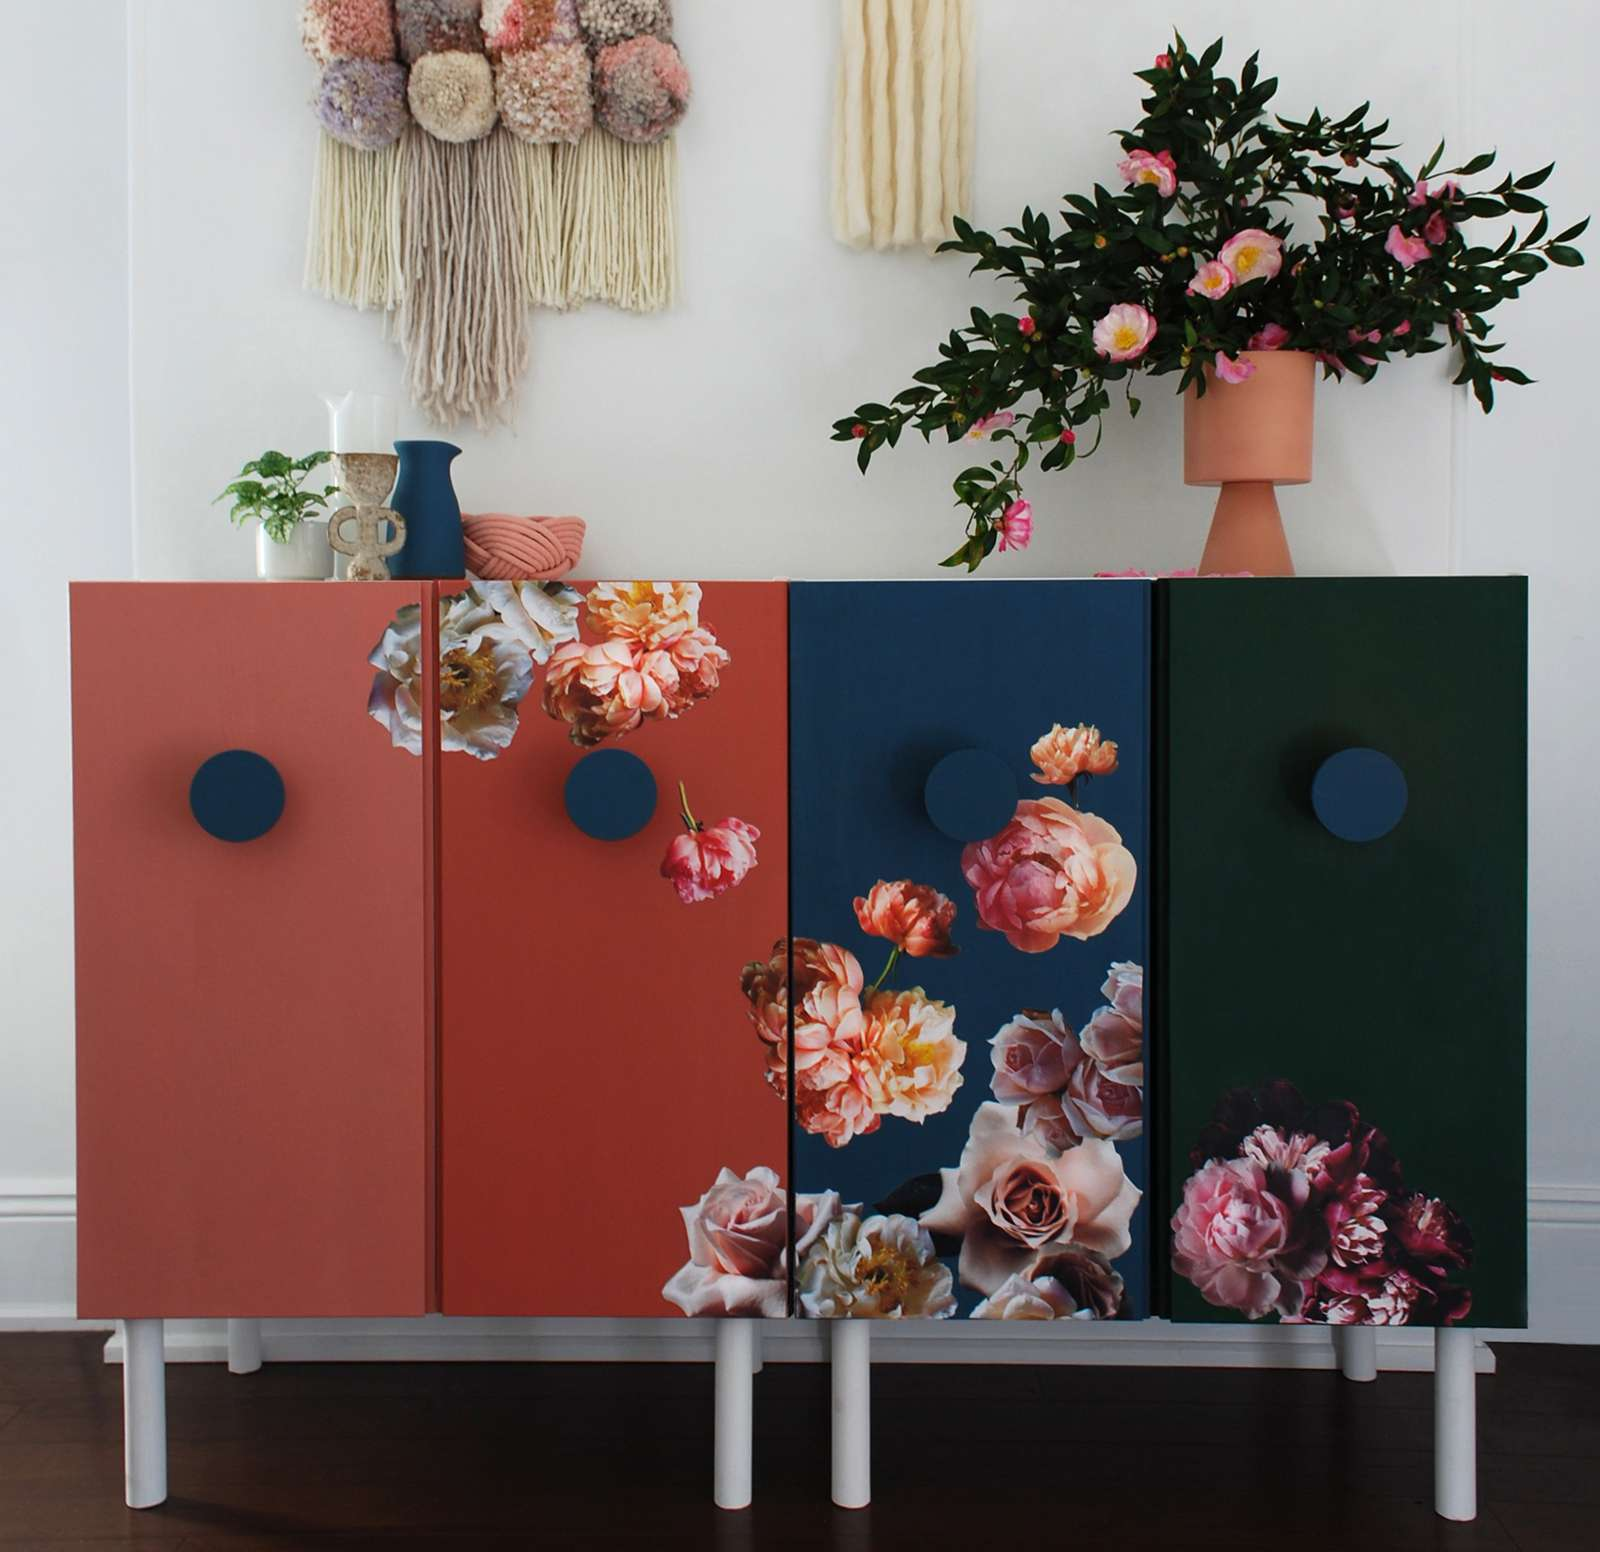 1-Ikea-Ivar-hack-floral-print-59f8df16d963ac00108622bc Frais De Ikea Meuble Bar Concept